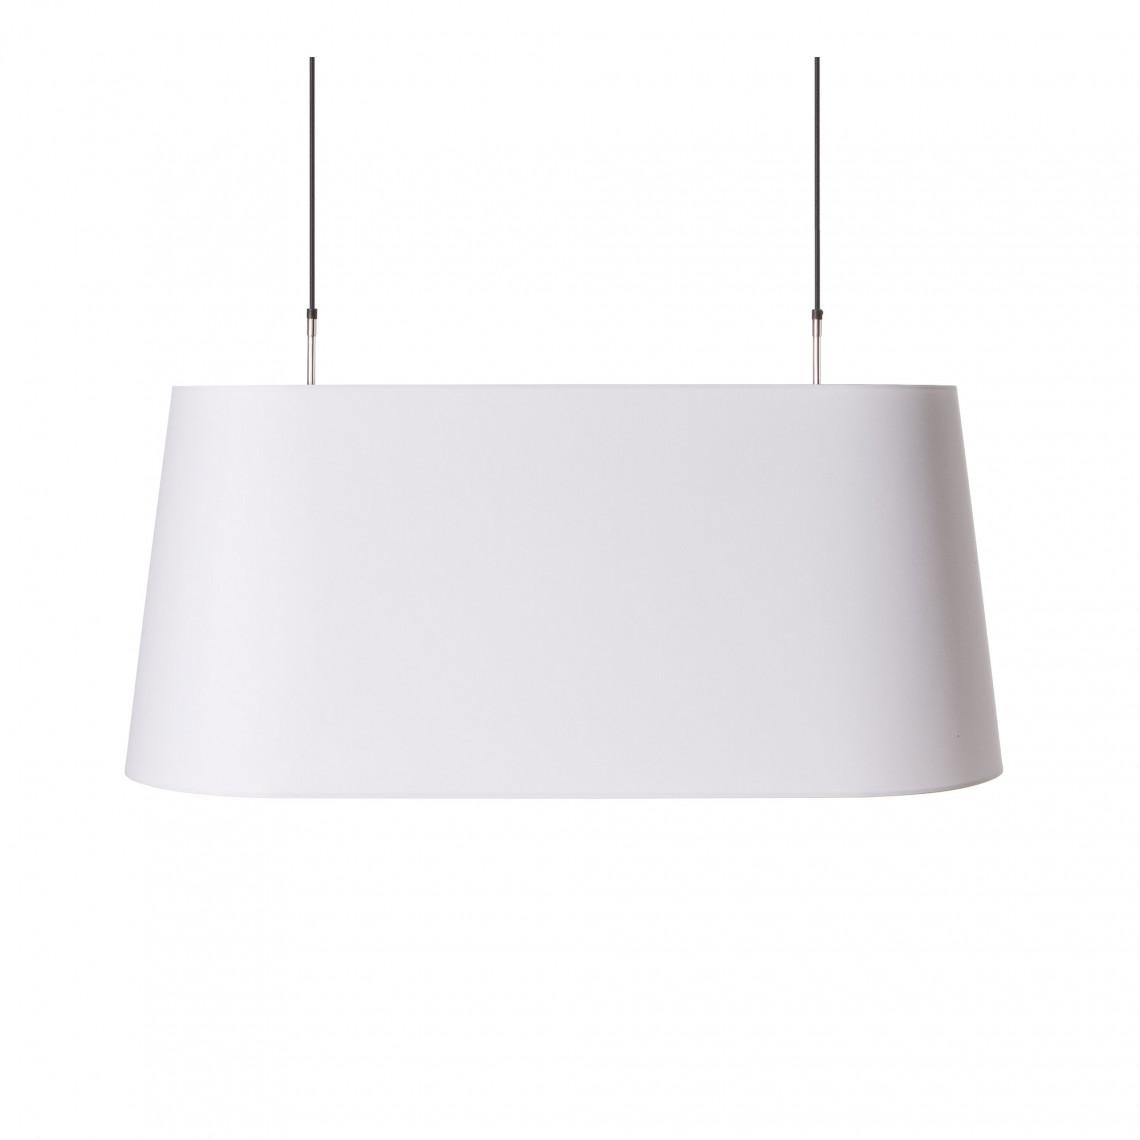 Oval Light Vit